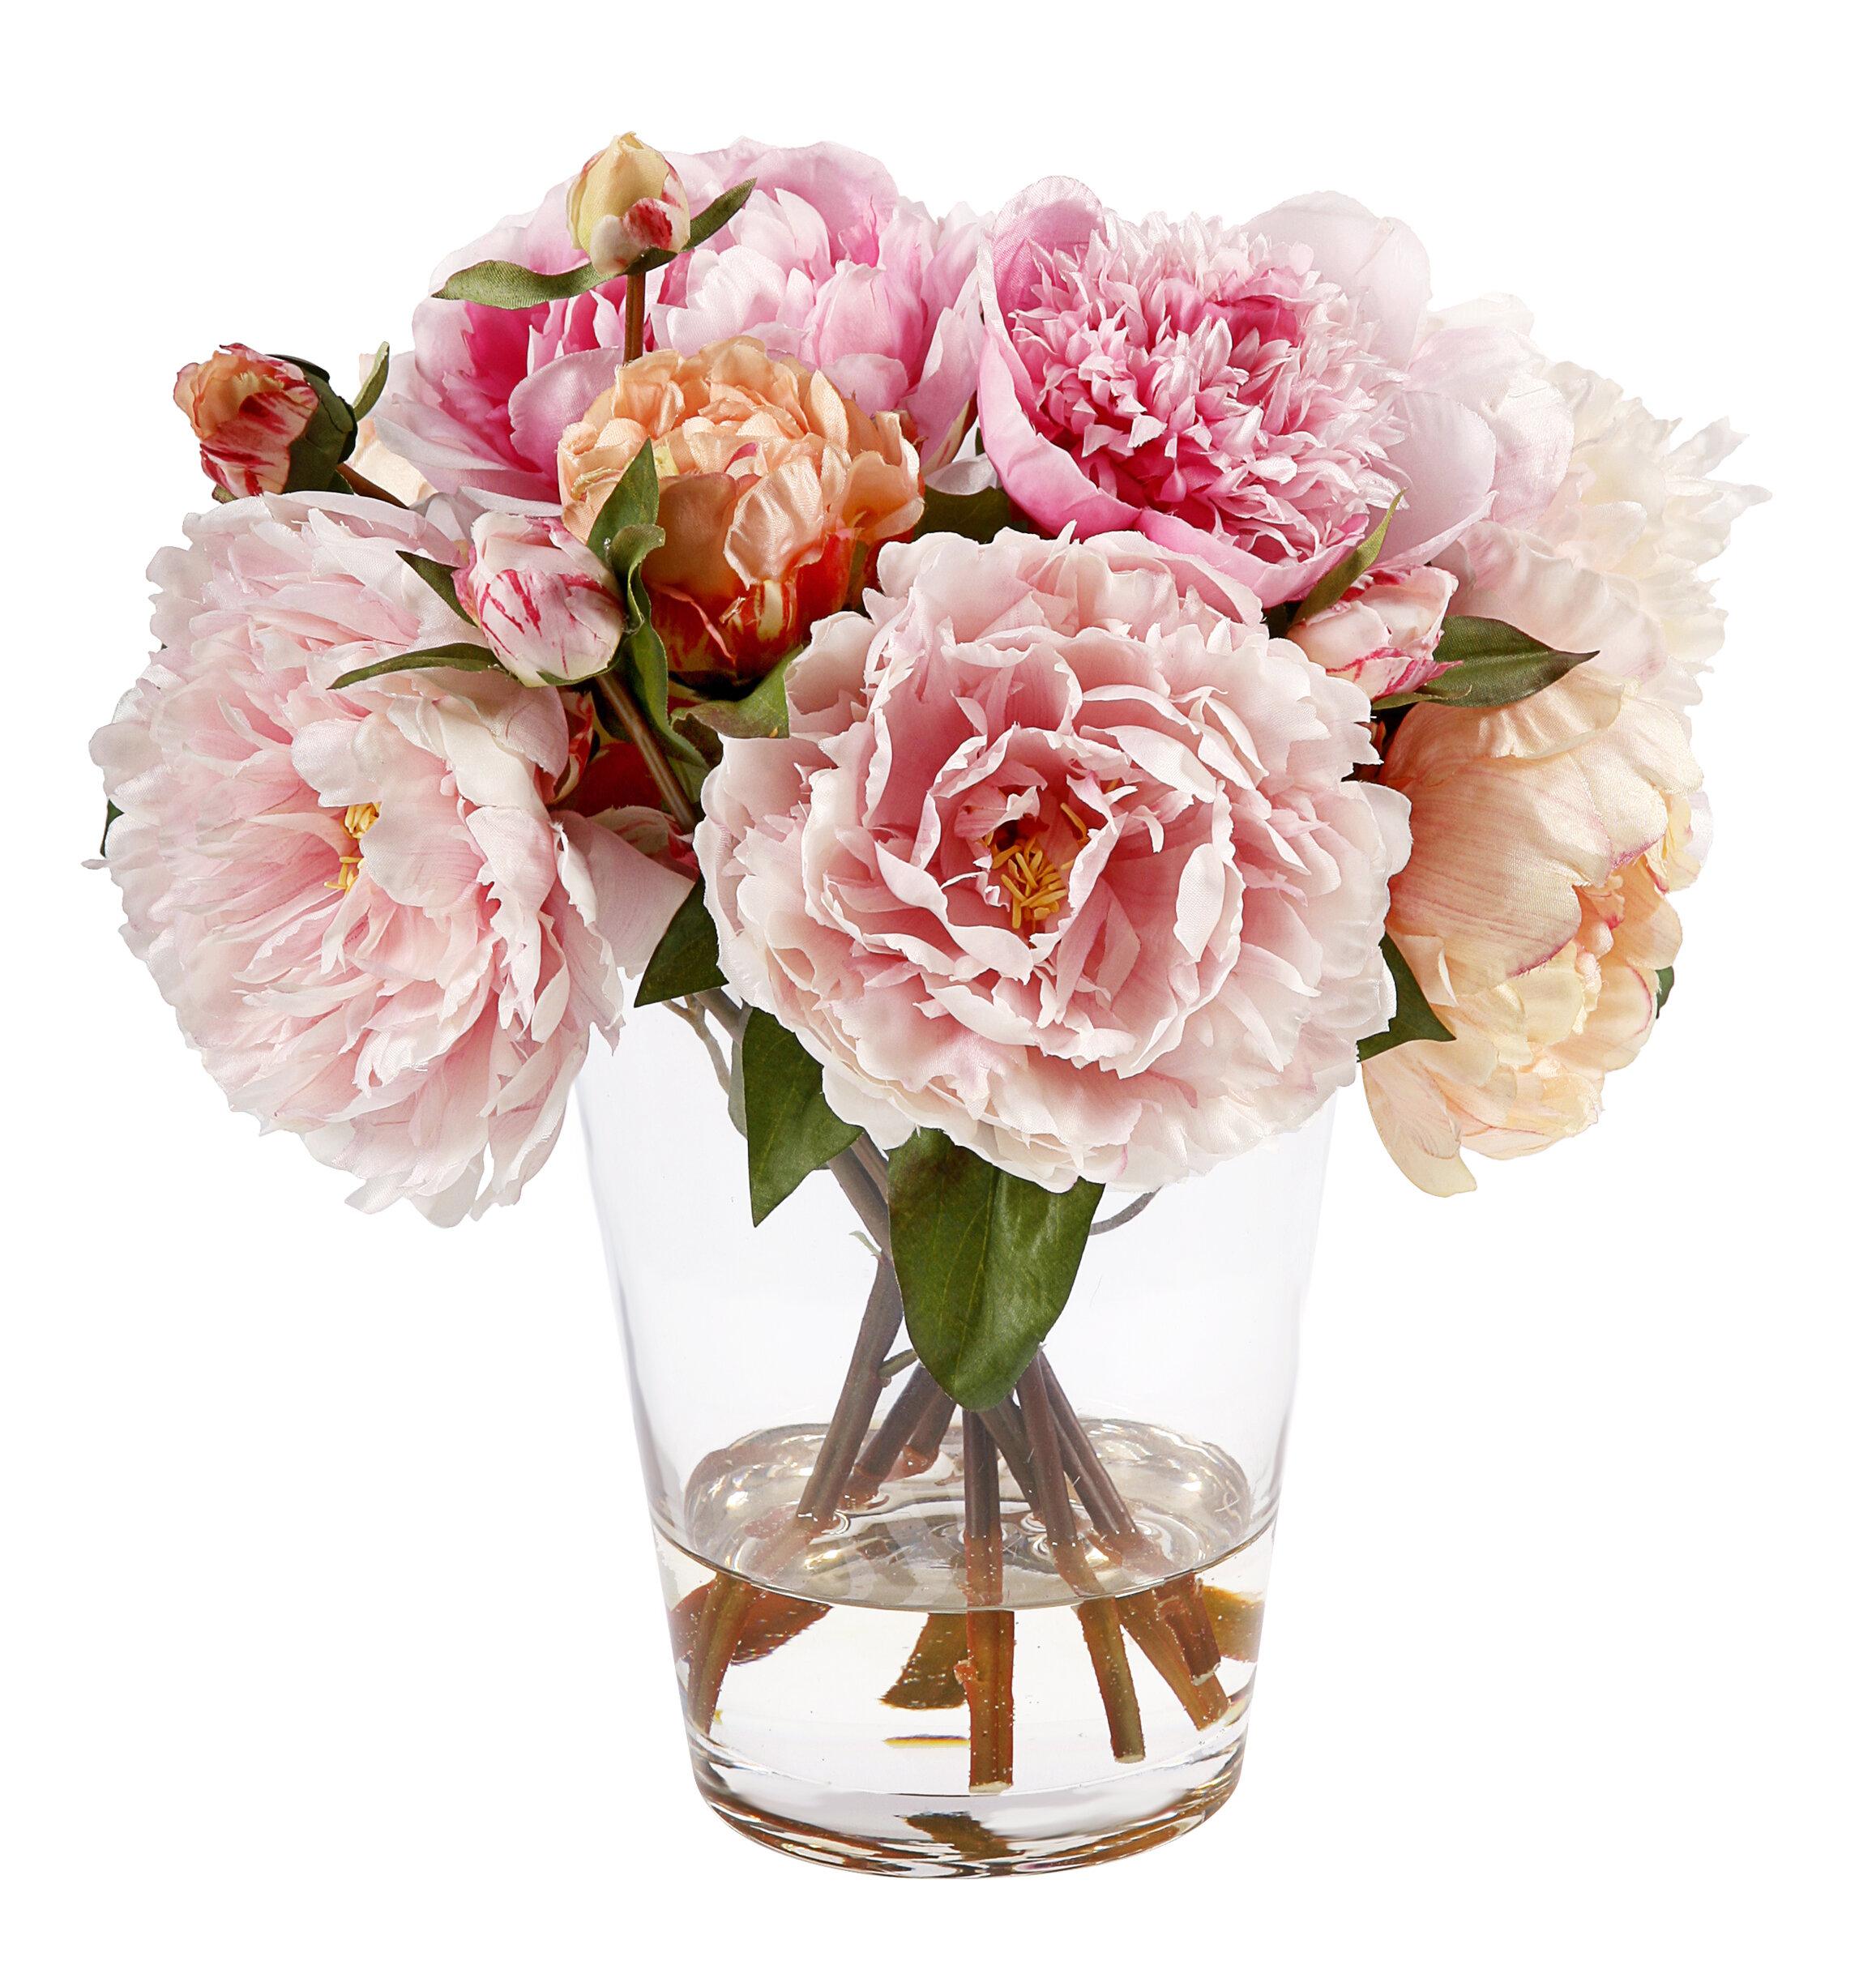 Faux Peonies Floral Arrangement Reviews Birch Lane